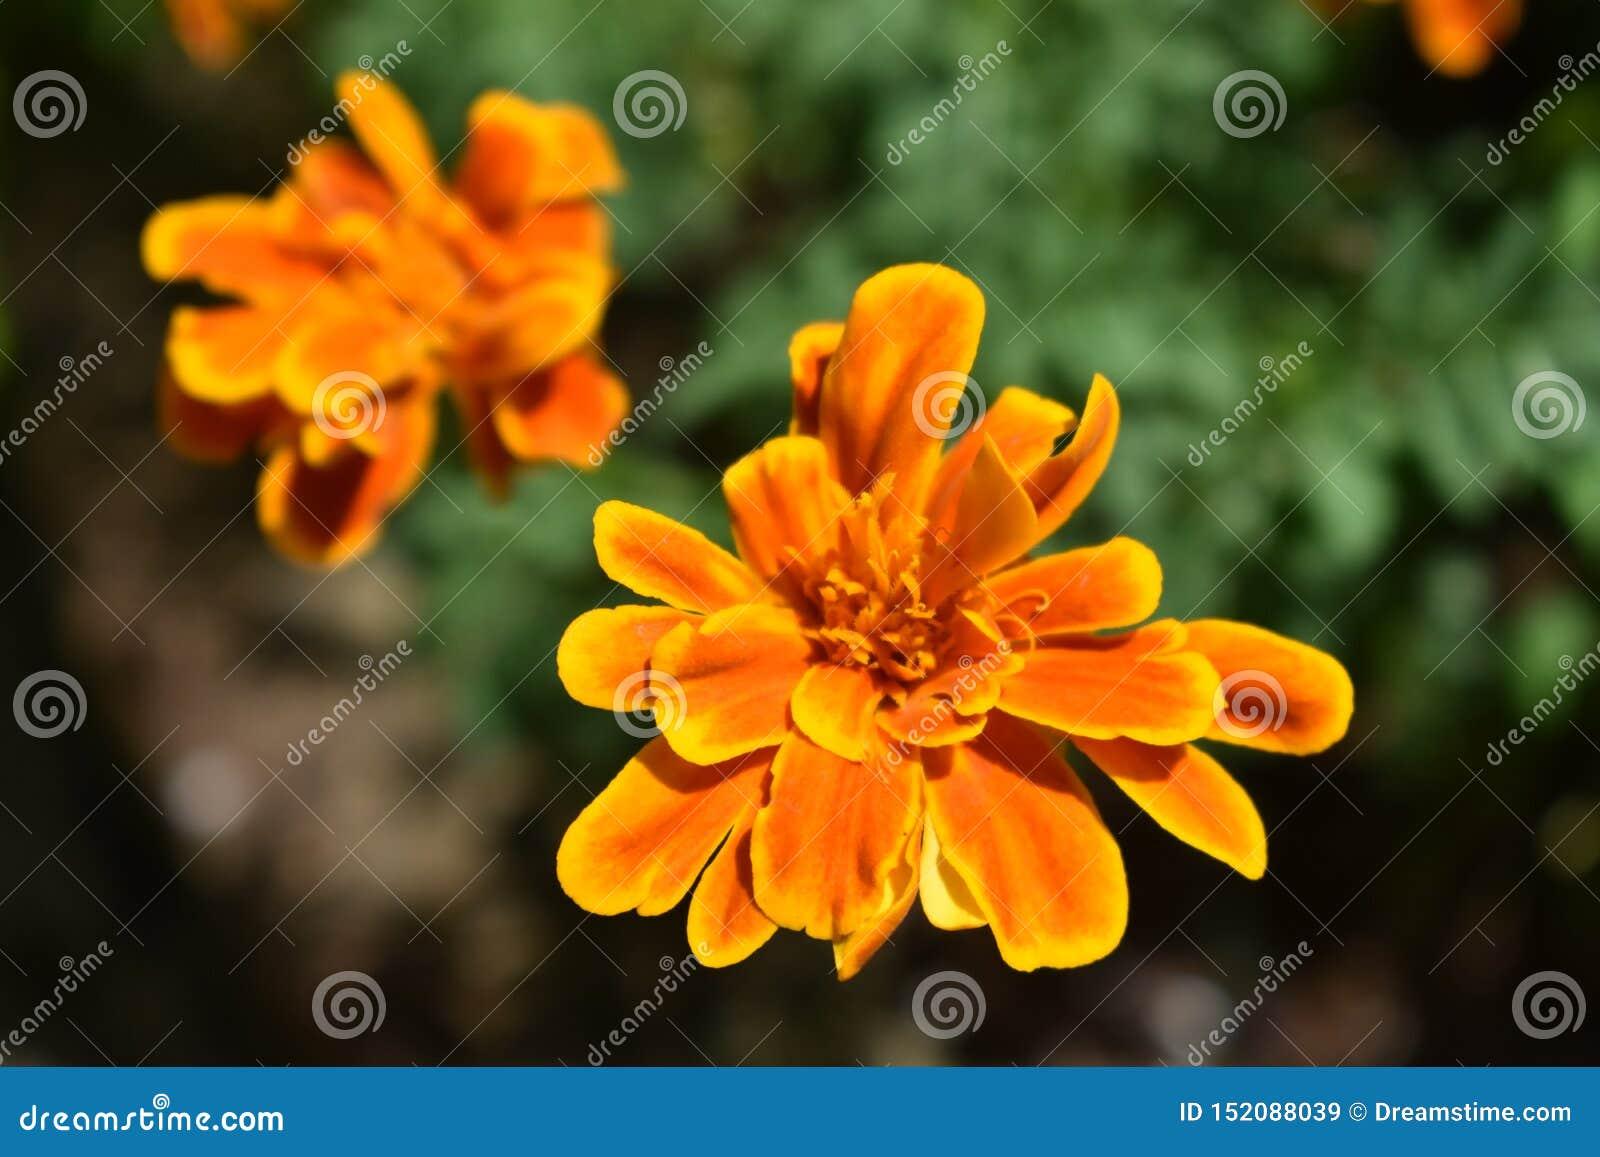 Πορτοκαλιά ηλιοφάνεια